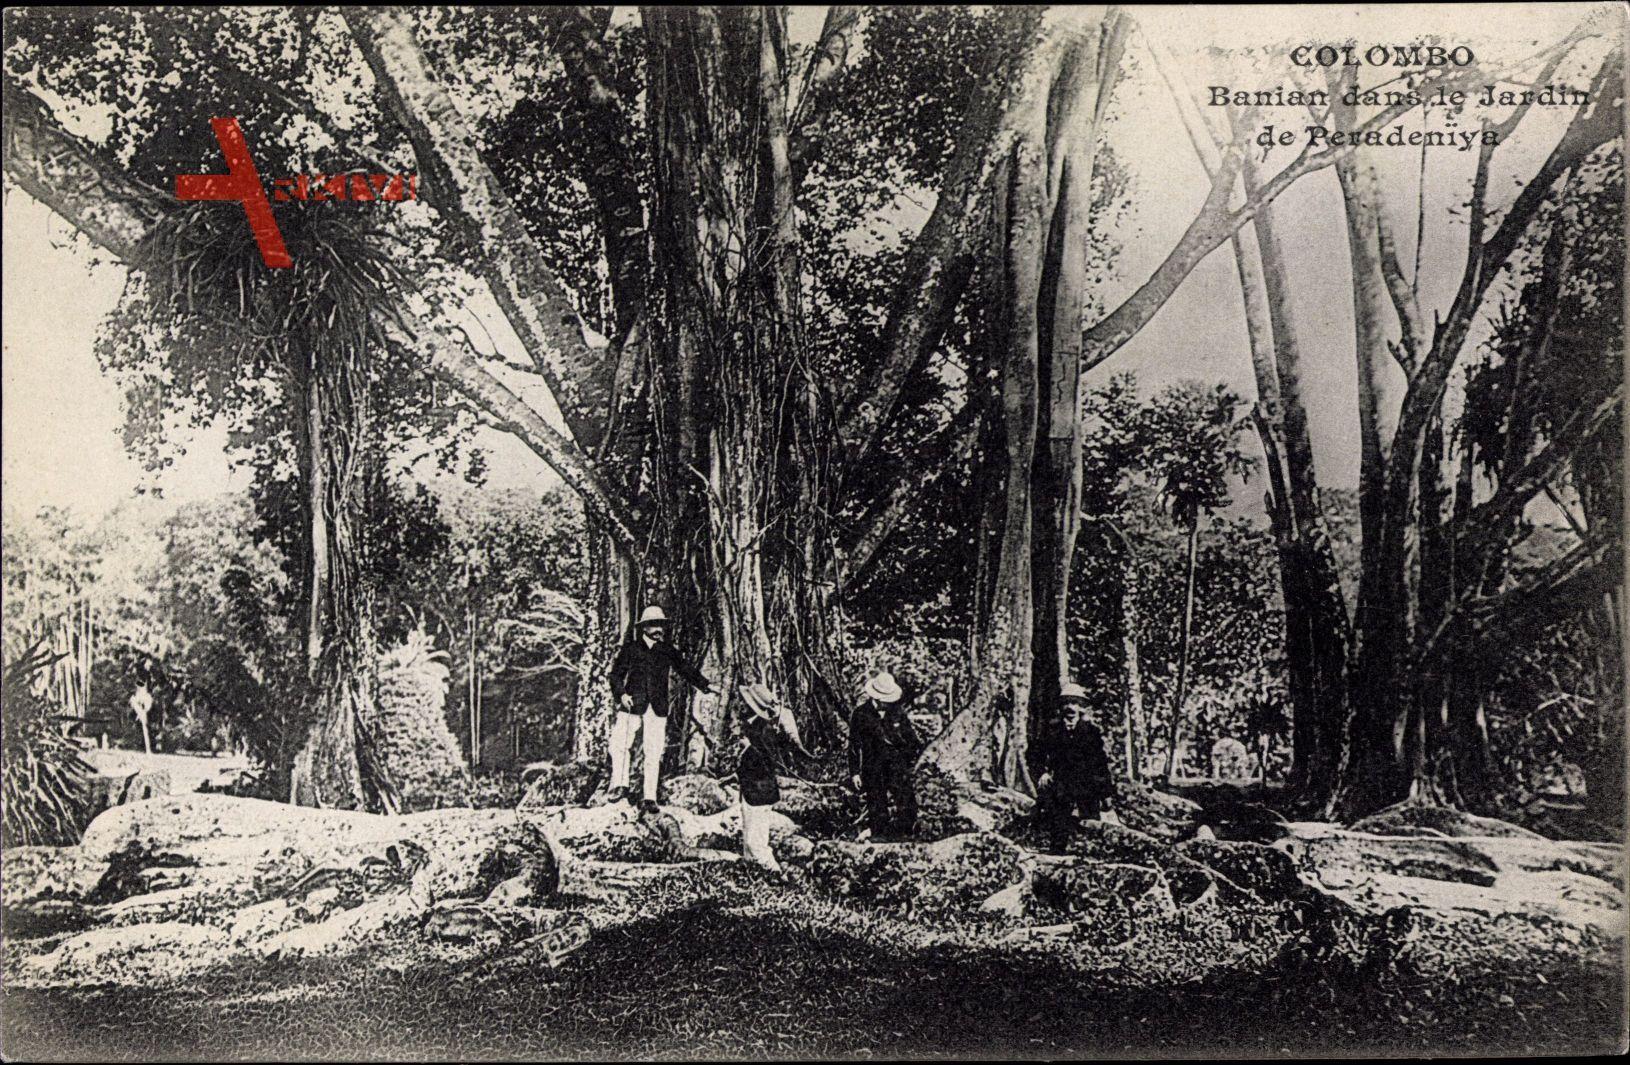 Colombo Ceylon Sri Lanka, Banian dans le jardin de Peradeniya